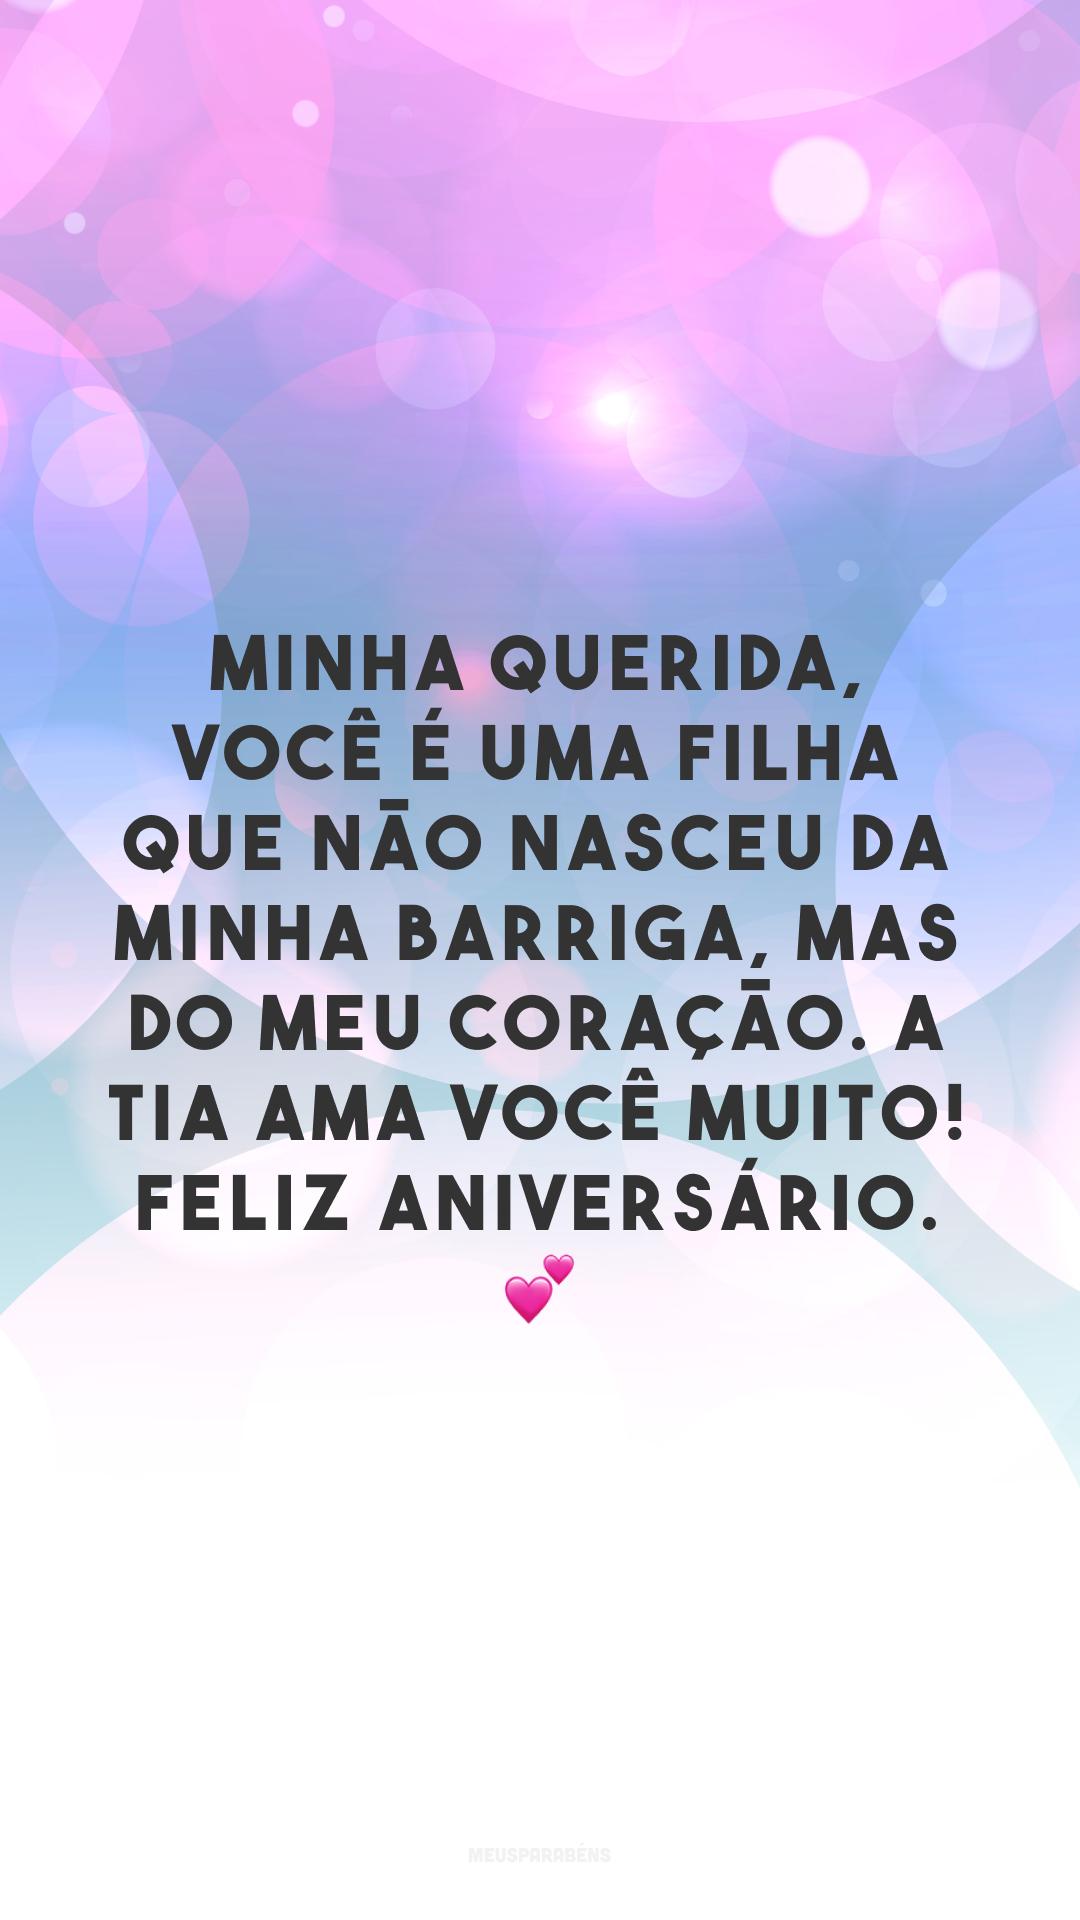 Minha querida, você é uma filha que não nasceu da minha barriga, mas do meu coração. A tia ama você muito! Feliz aniversário. 💕